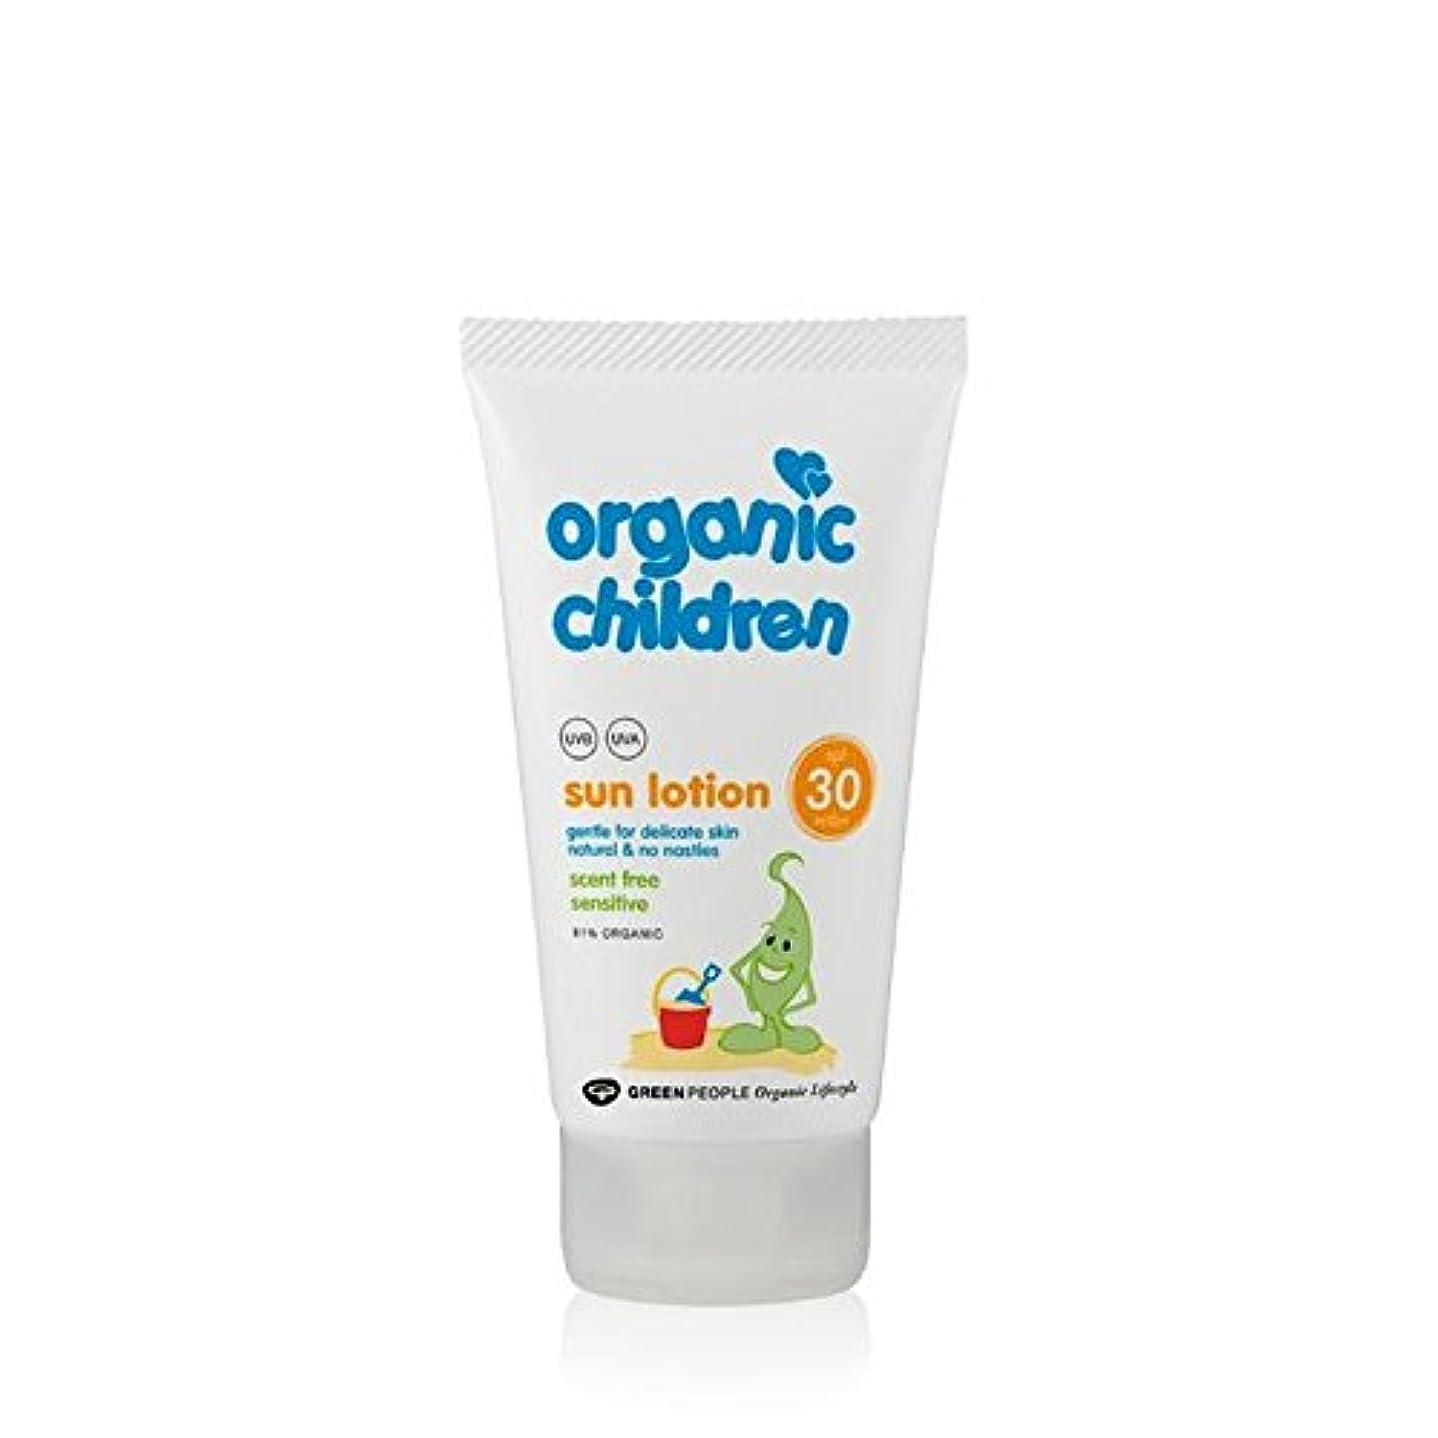 ボイドハイジャックジャム有機子ども30の香り無料のサンローション150 x2 - Organic Children SPF30 Scent Free Sun Lotion 150ml (Pack of 2) [並行輸入品]